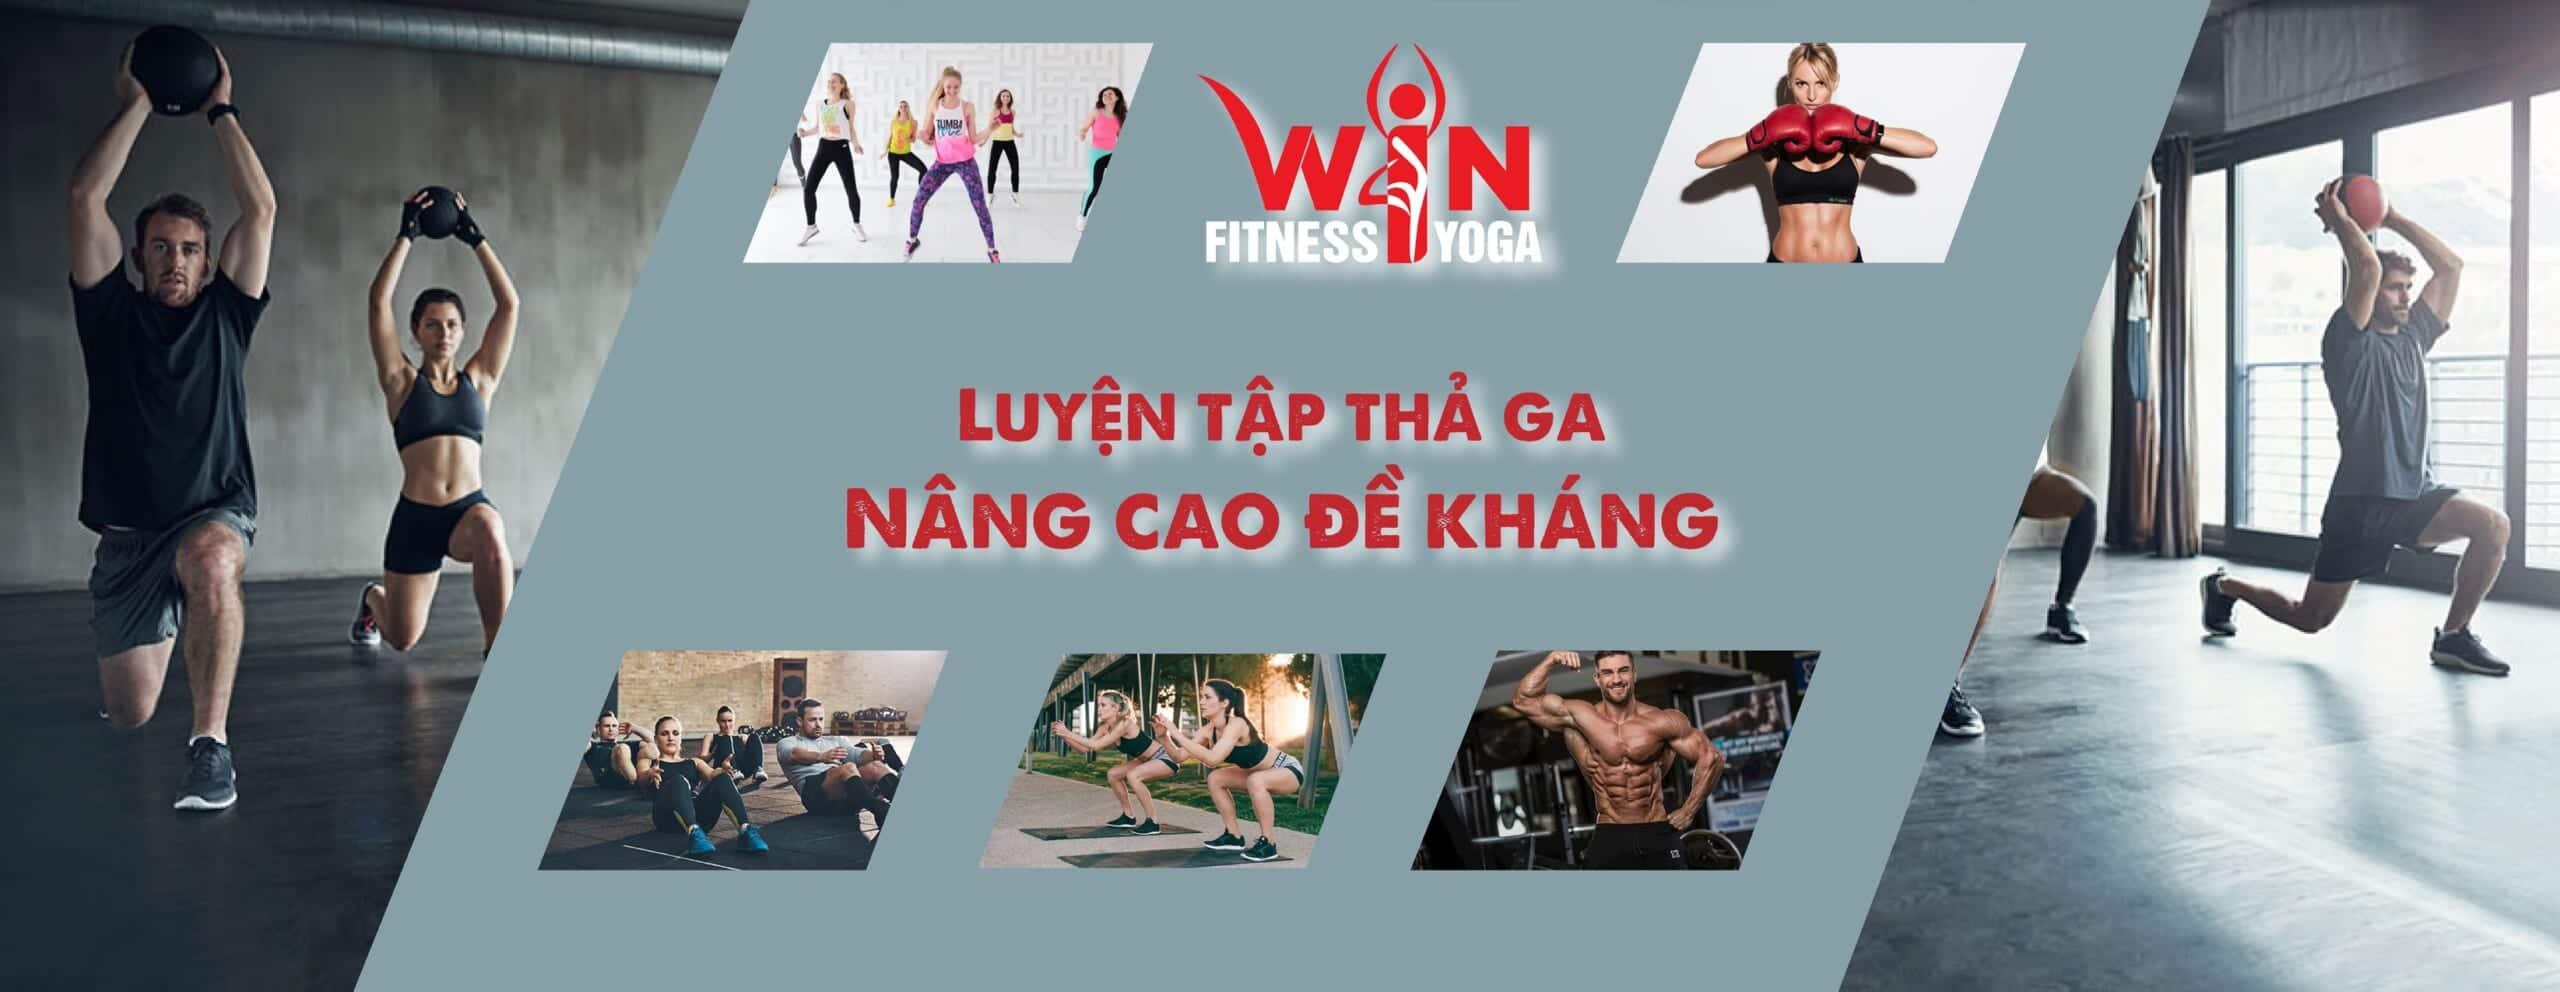 Địa chỉ học Yoga uy tín quận 6-Win Fitness Yoga